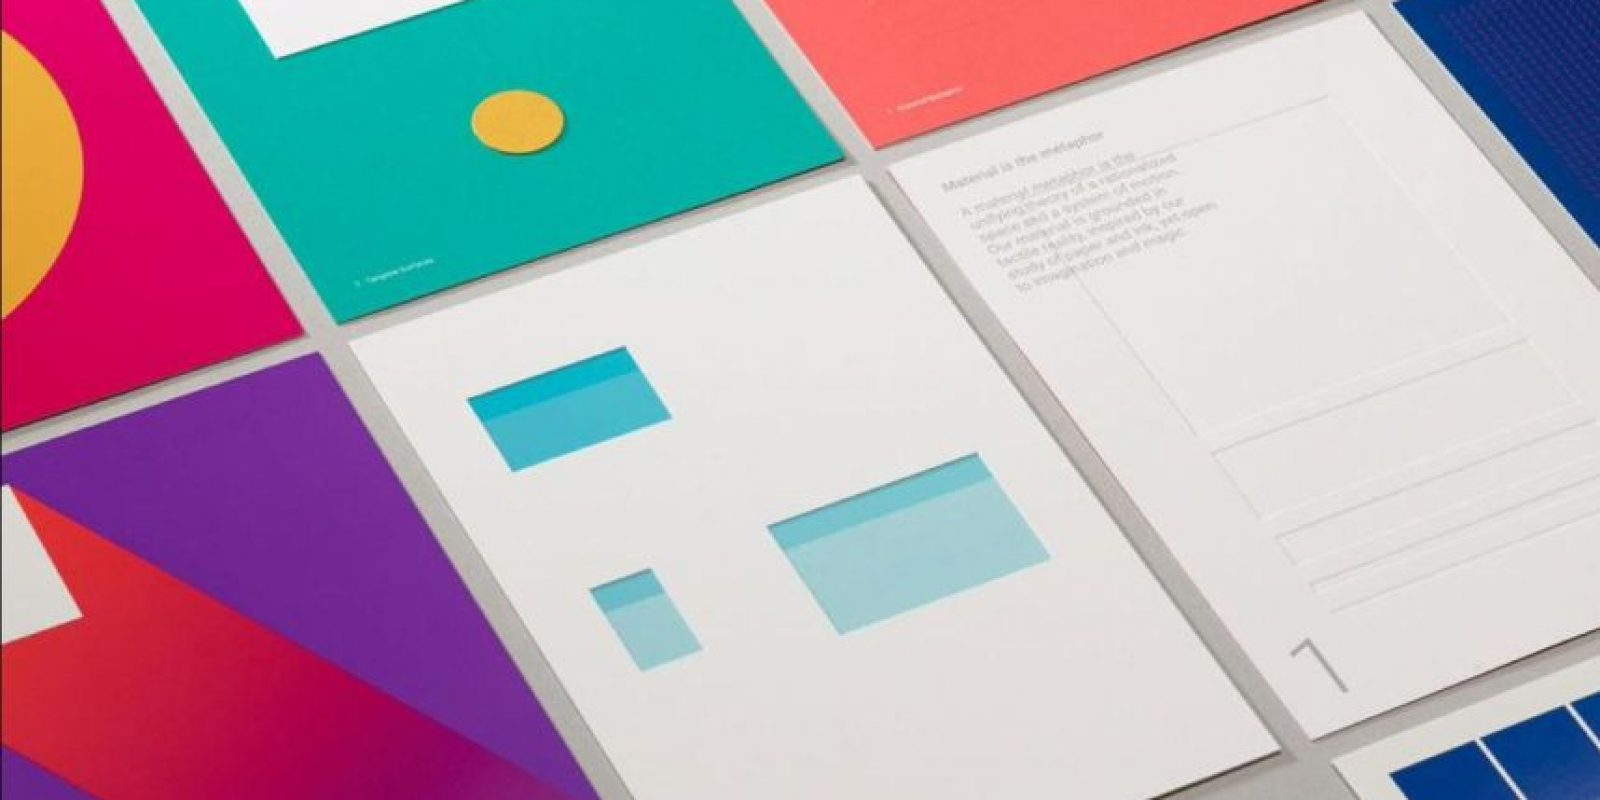 Material Design es el lenguaje de desarrollo de Android 5.0 Lollipop. Foto:Twitter